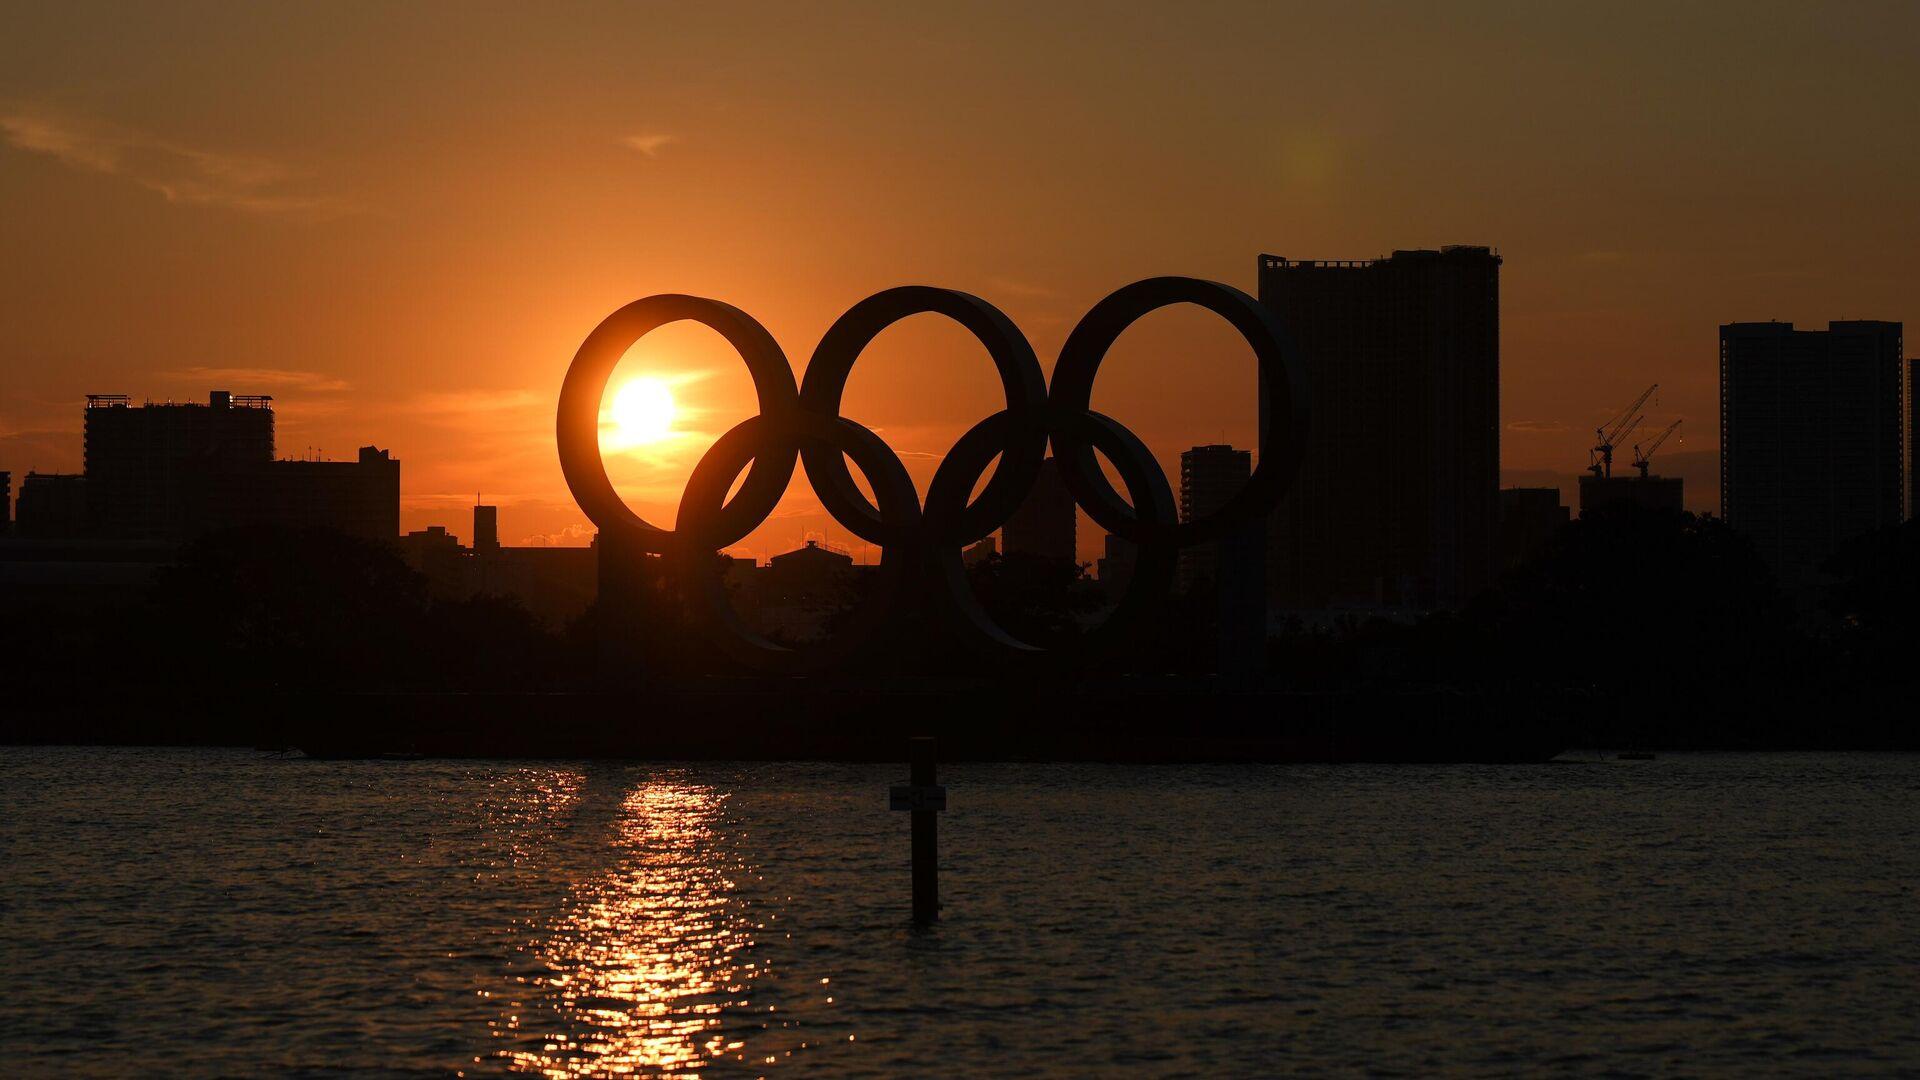 Символика Олимпийских игр в Токио - РИА Новости, 1920, 23.07.2021